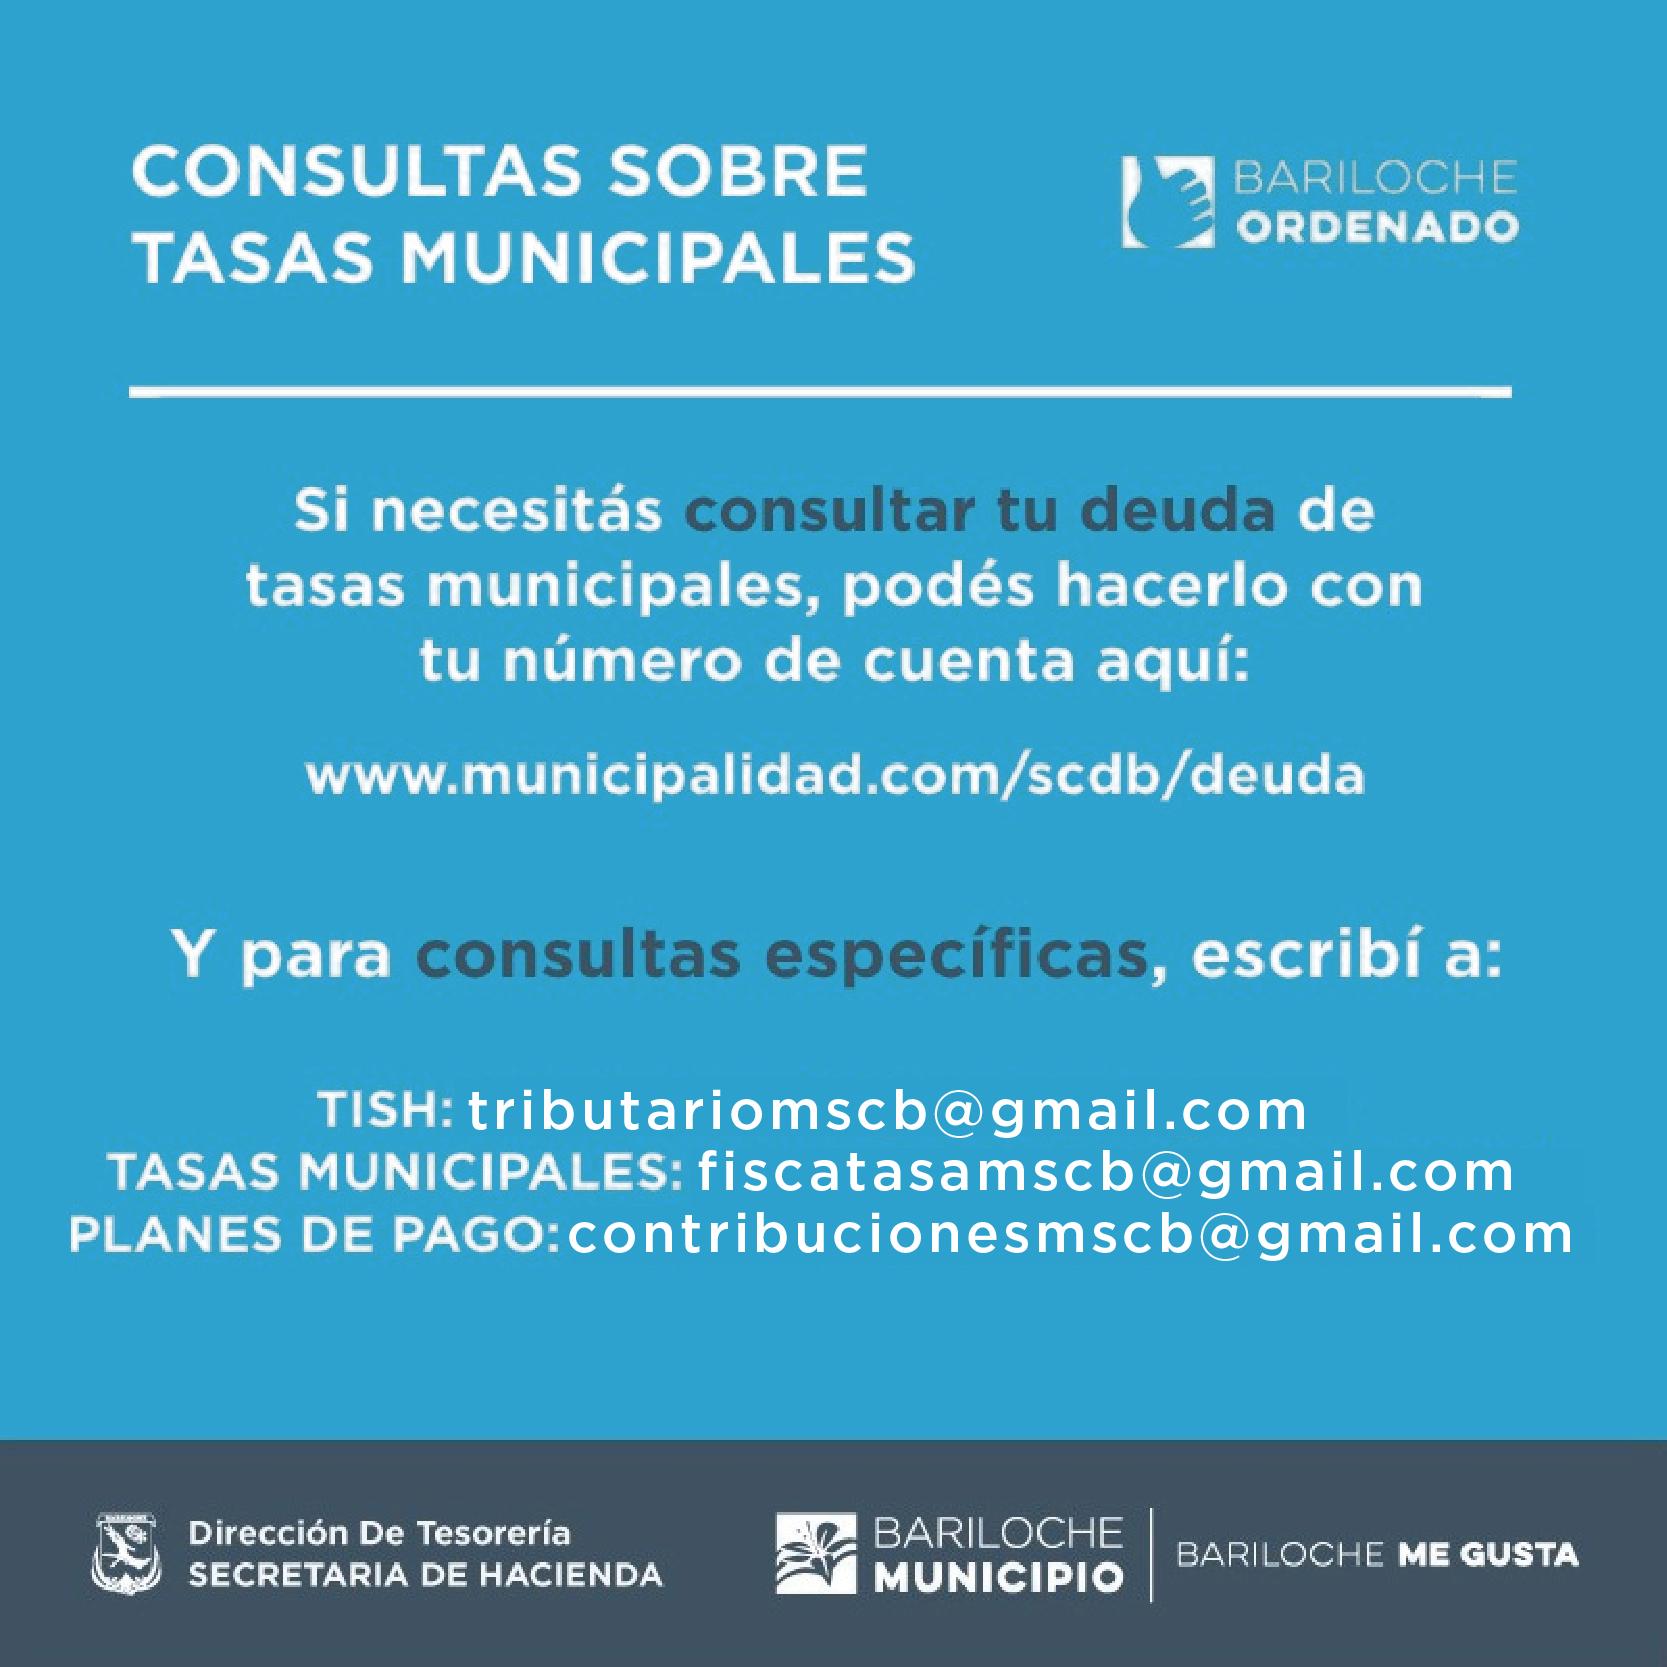 contactos-hacienda-13-11